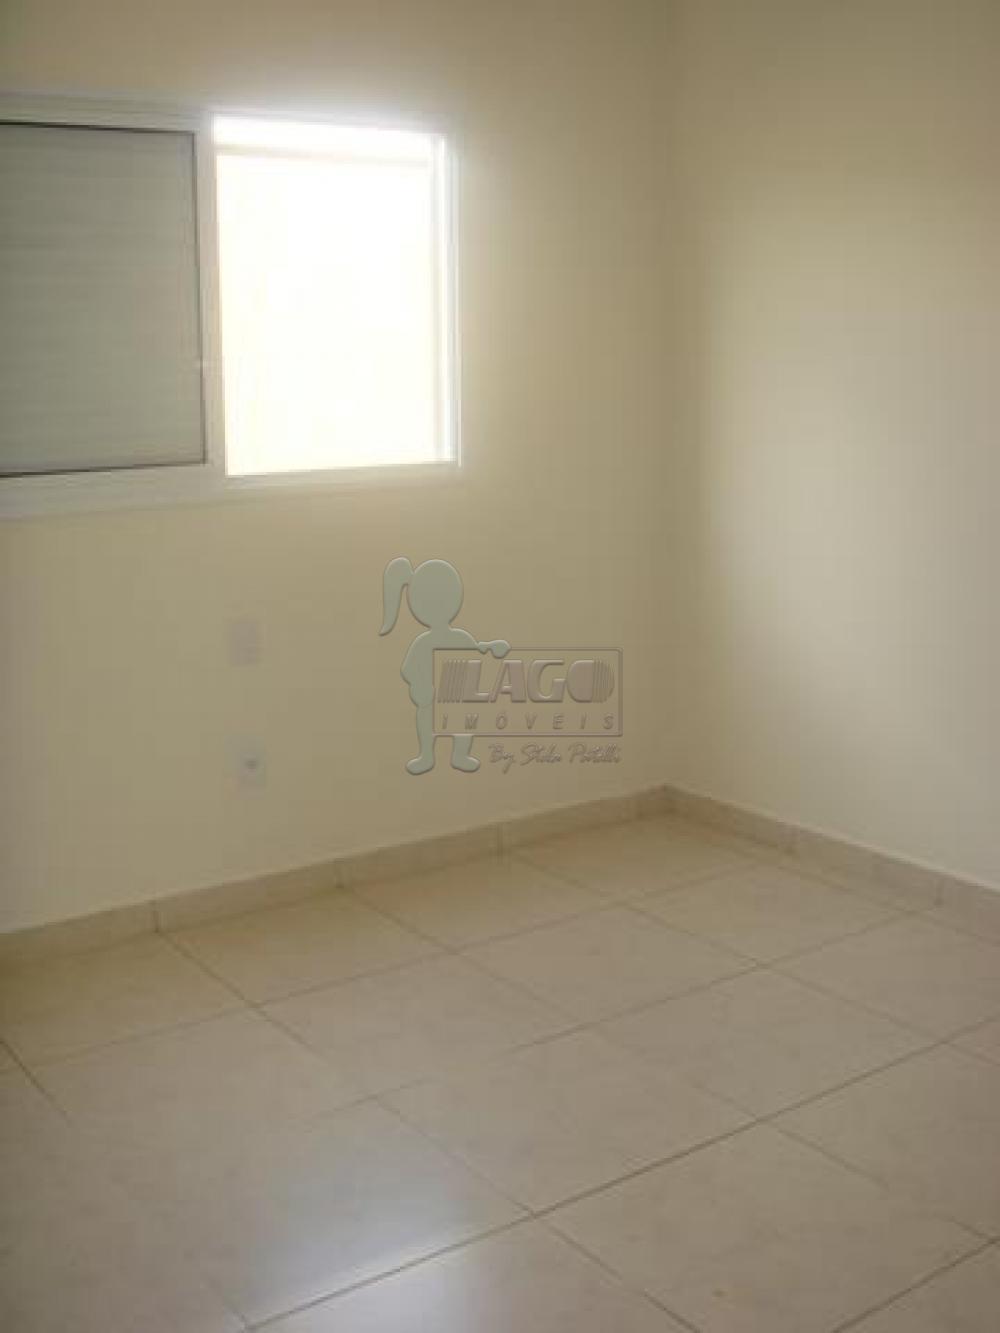 Comprar Casas / Padrão em Bonfim Paulista apenas R$ 500.000,00 - Foto 5